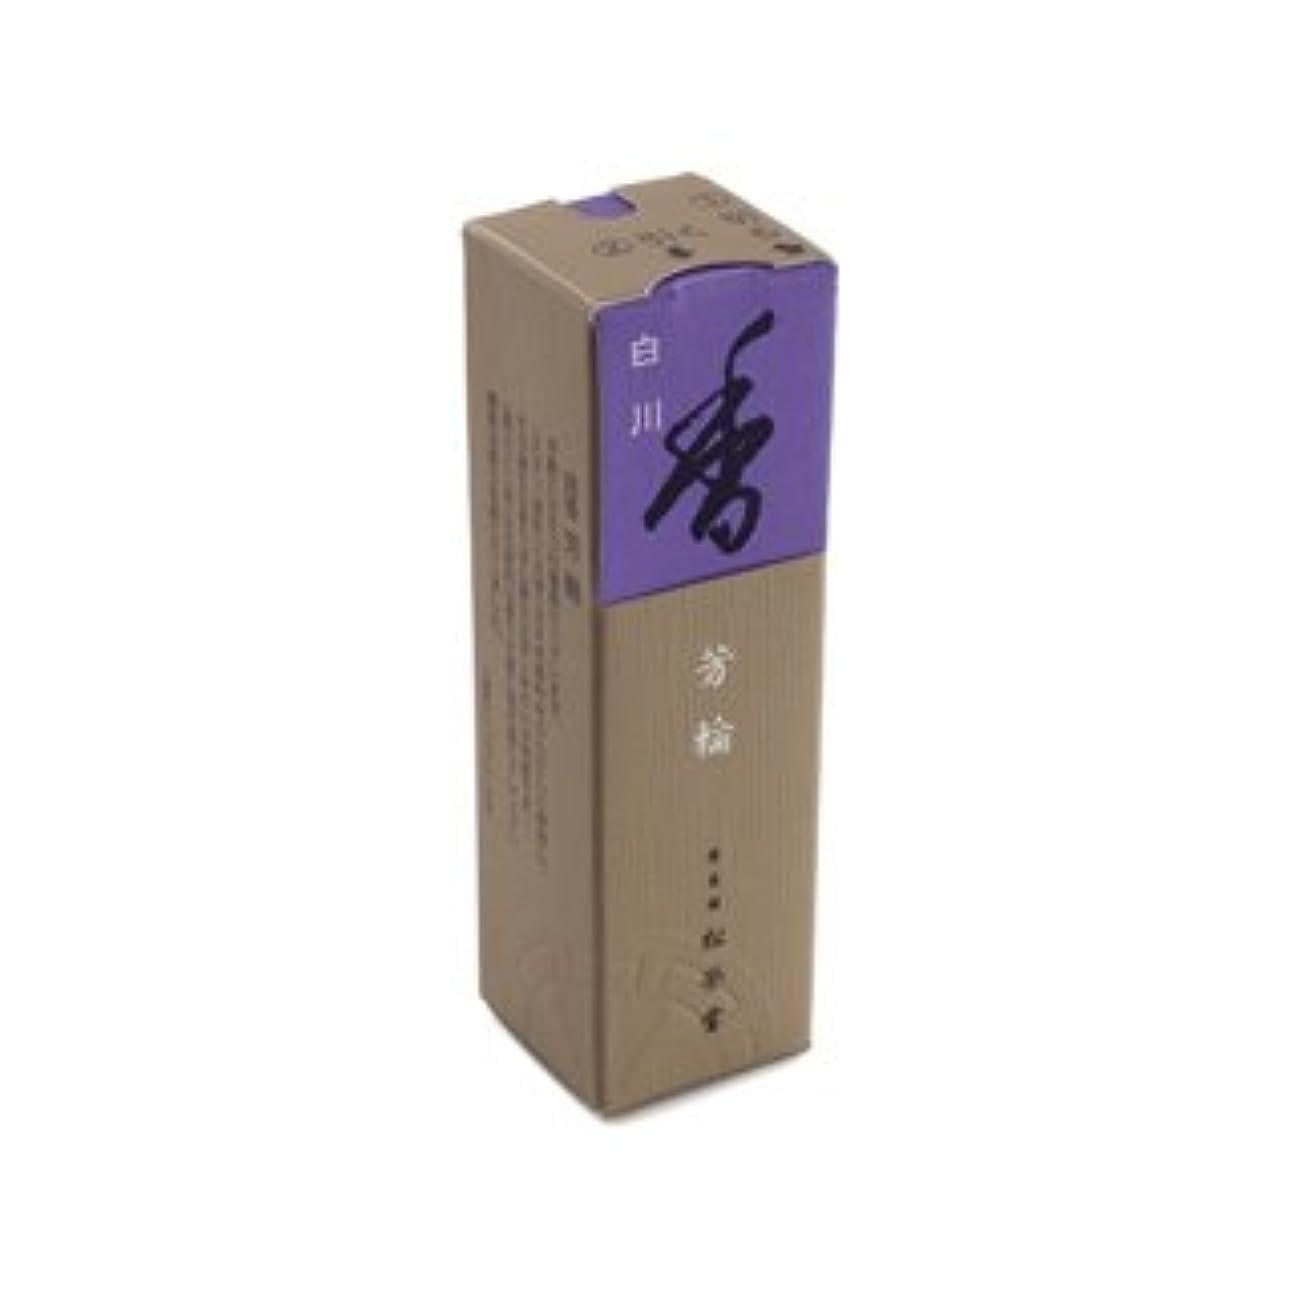 文化落ち着く和解するShoyeido - Horin Incense Sticks White River - 20 Stick(s) by Shoyeido